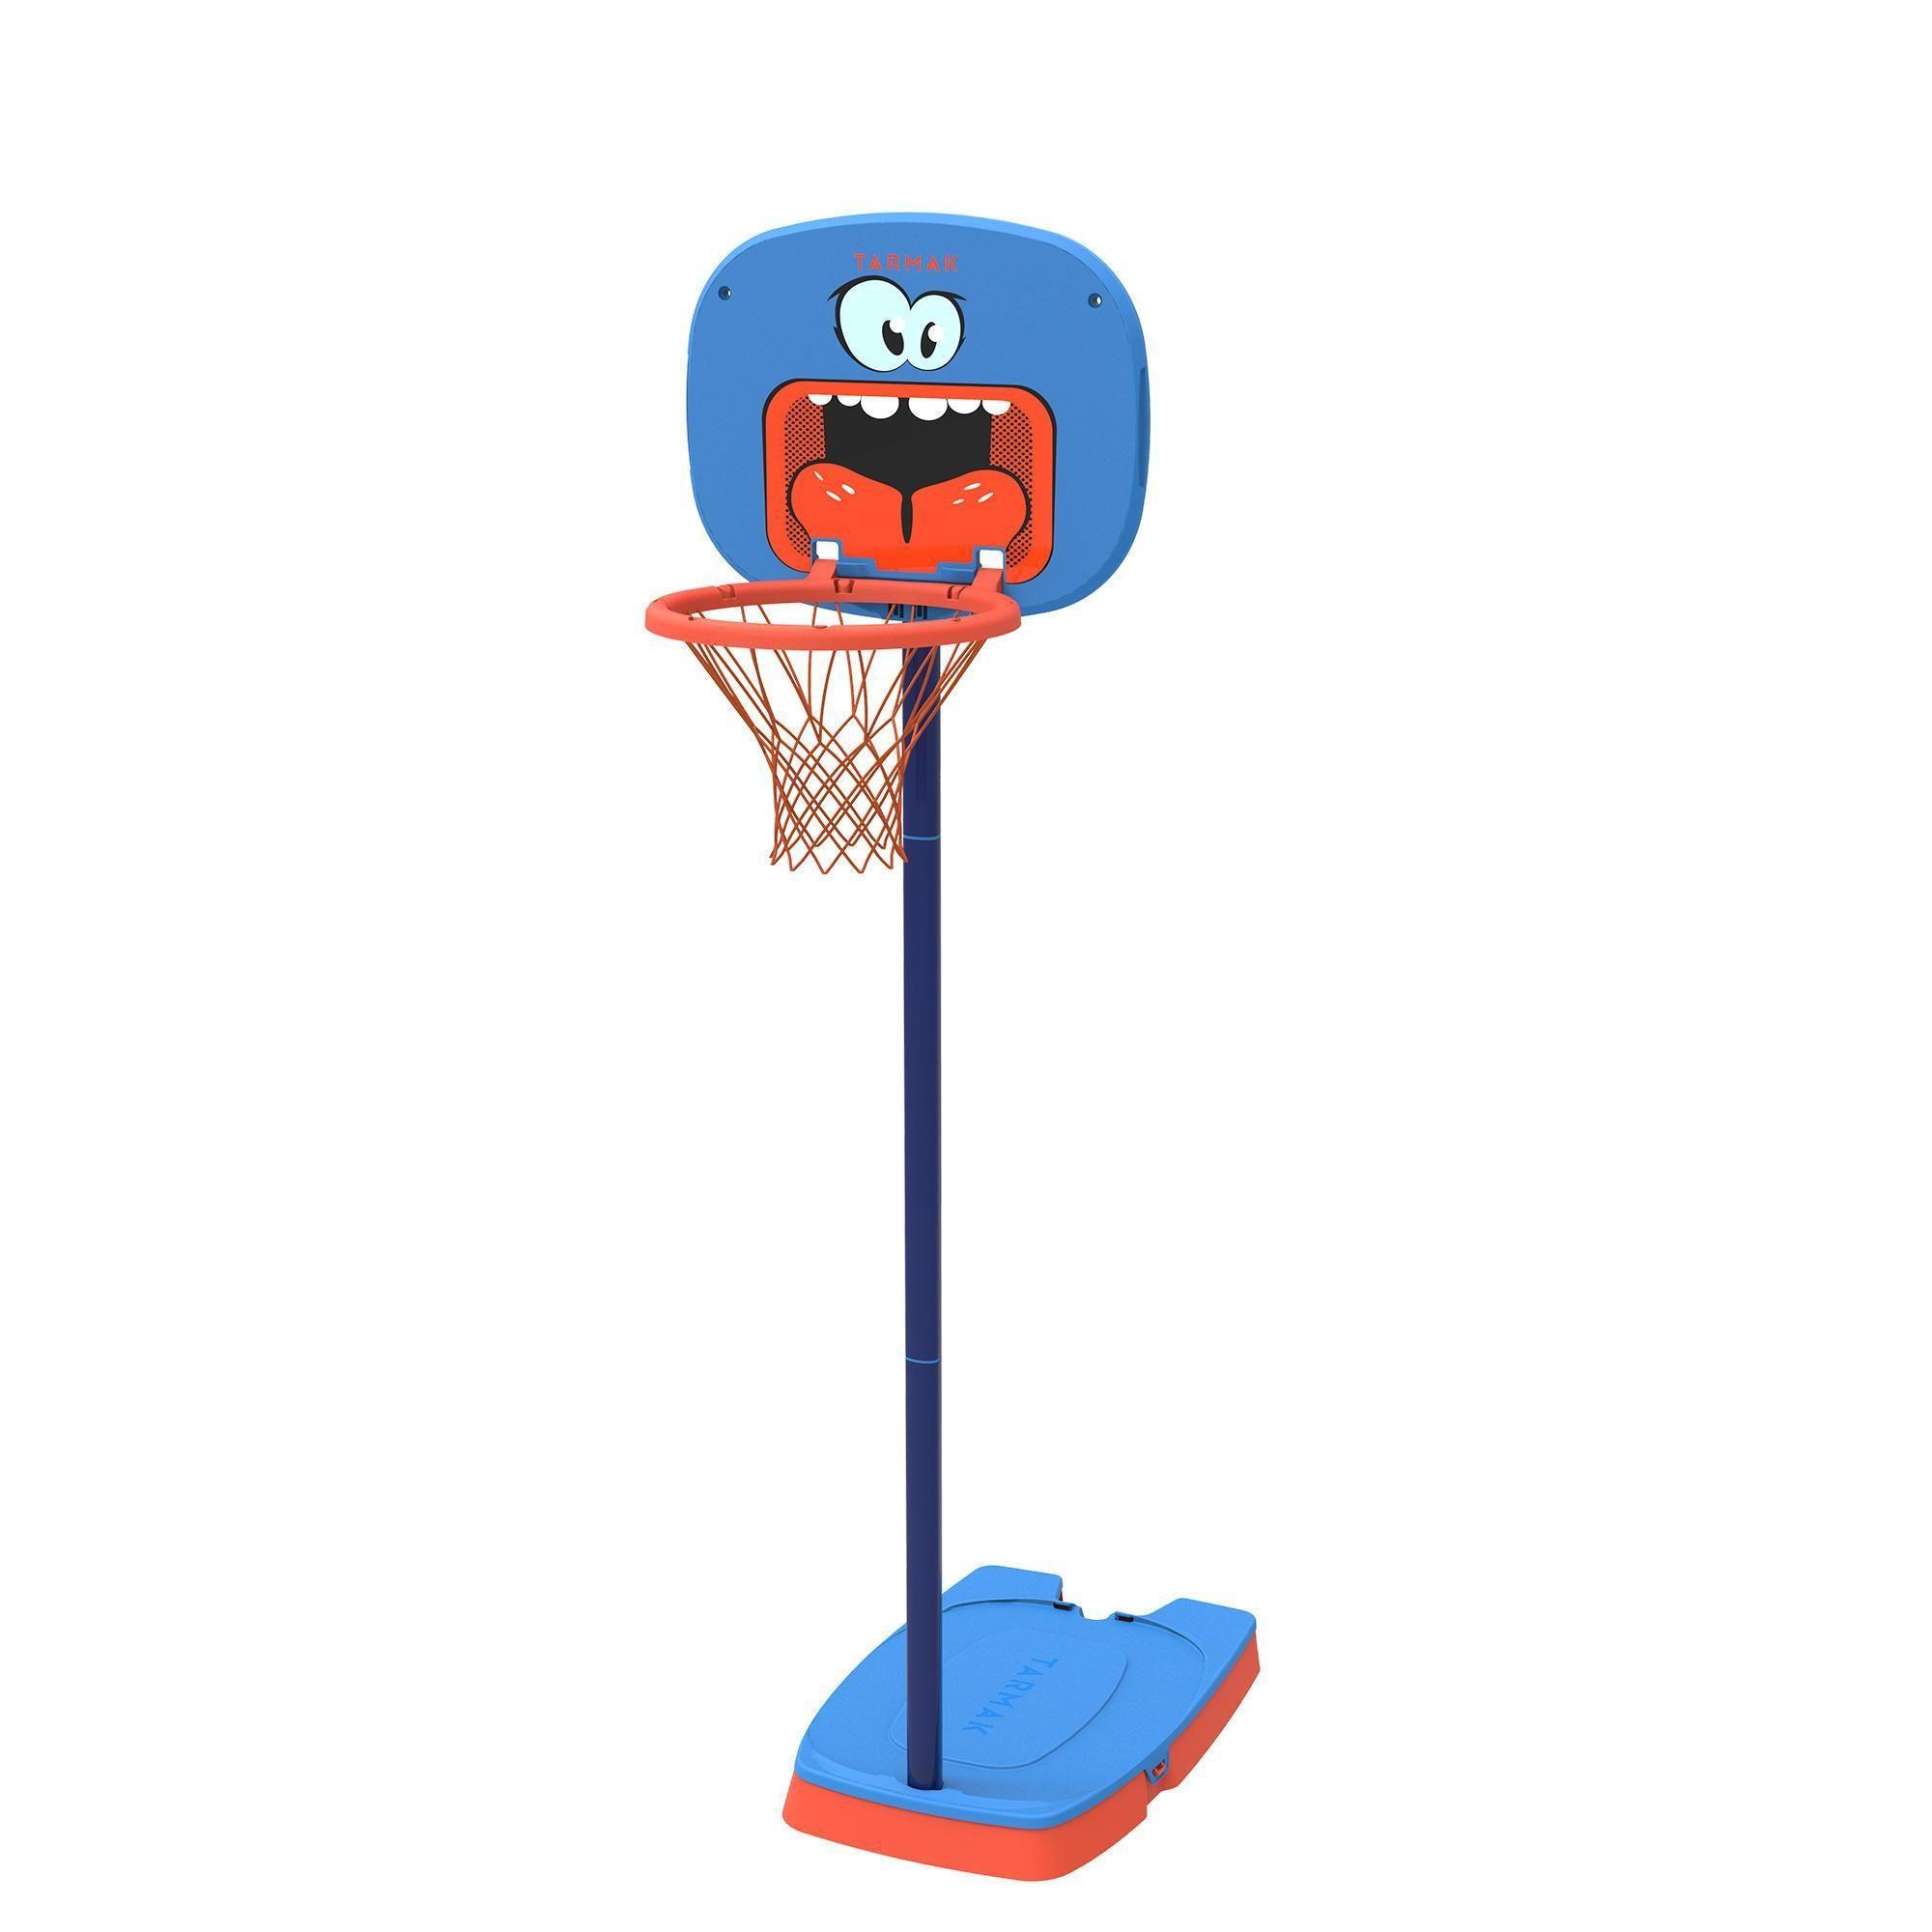 Decathlon Tarmak Ballkorb Bekleidung Jungen Kinder Kinder Mädchen Kinder Tarmak Basketballkorb K100 Monster K Basketballkorb Basketball Federball